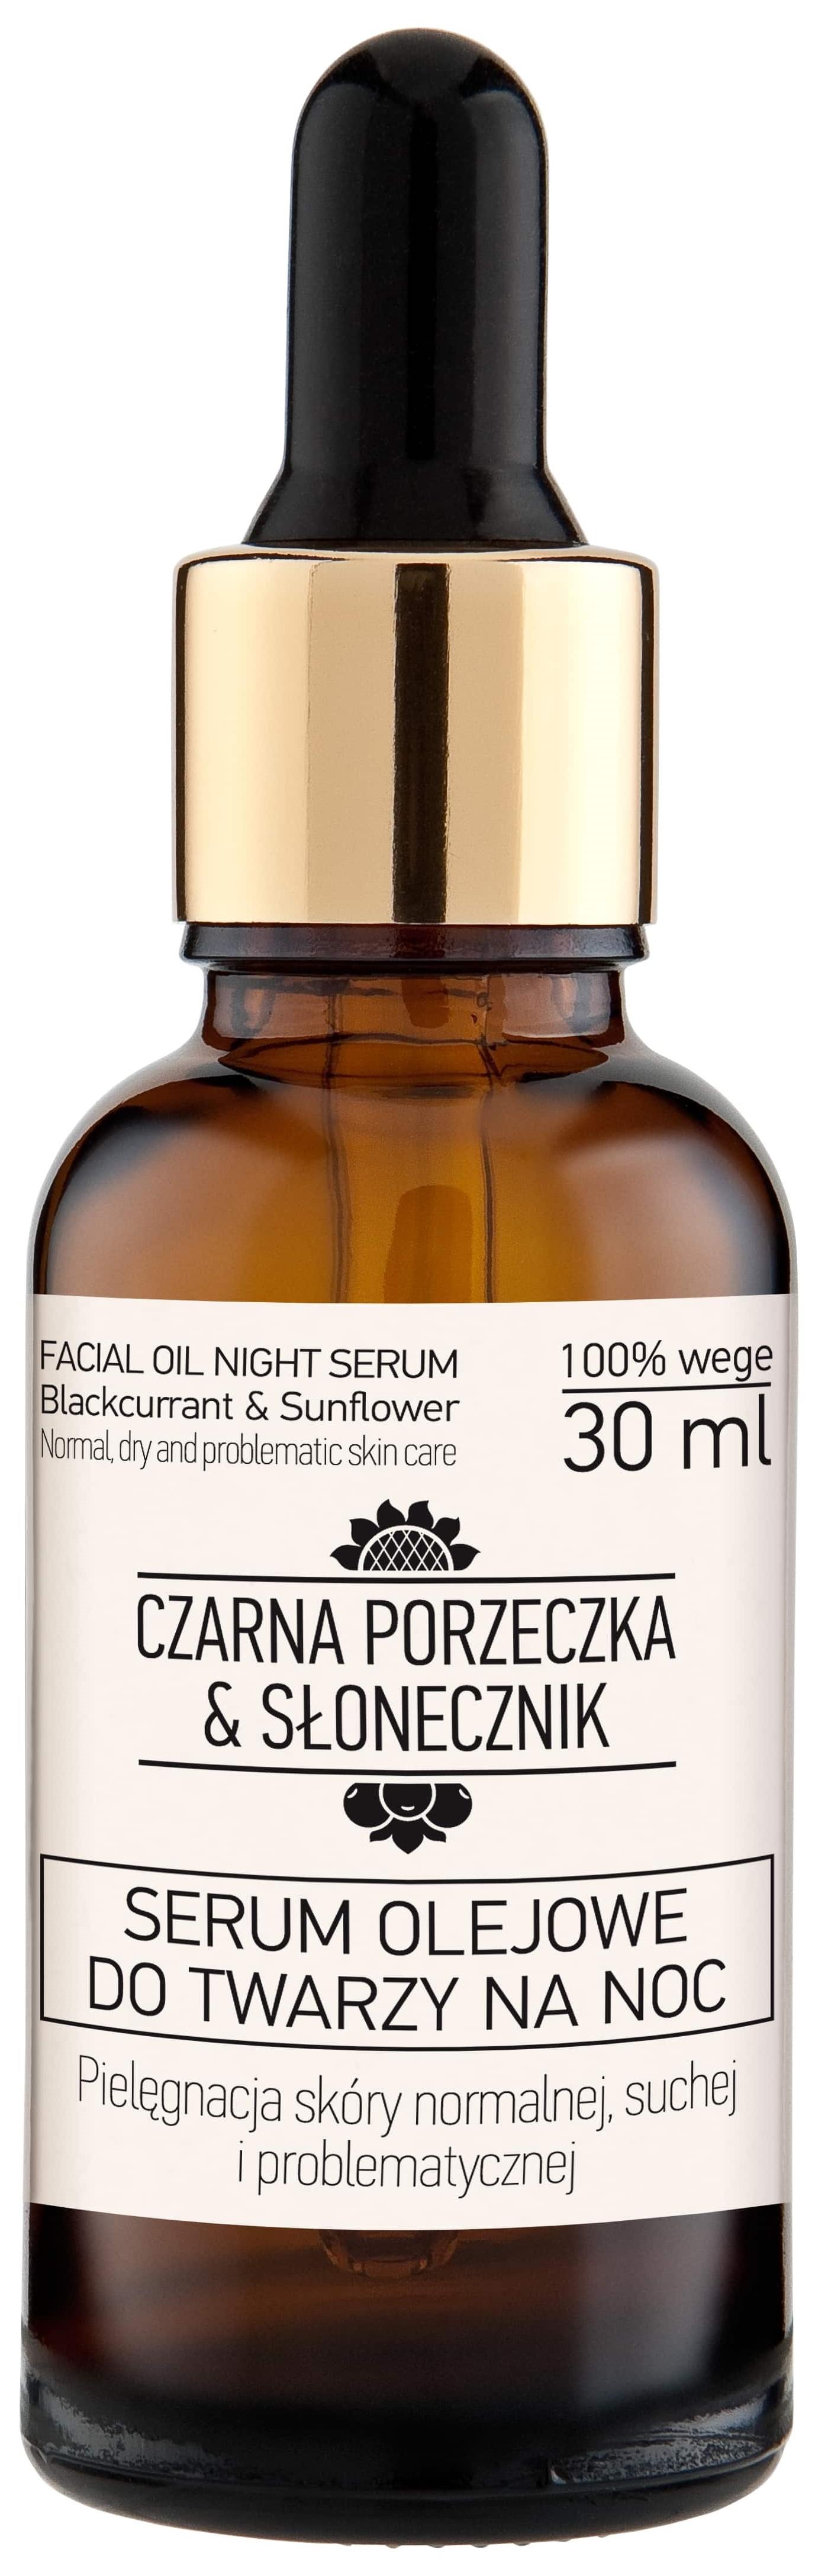 Serum olejowe do twarzy na noc do skóry normalnej, suchej i problematycznej